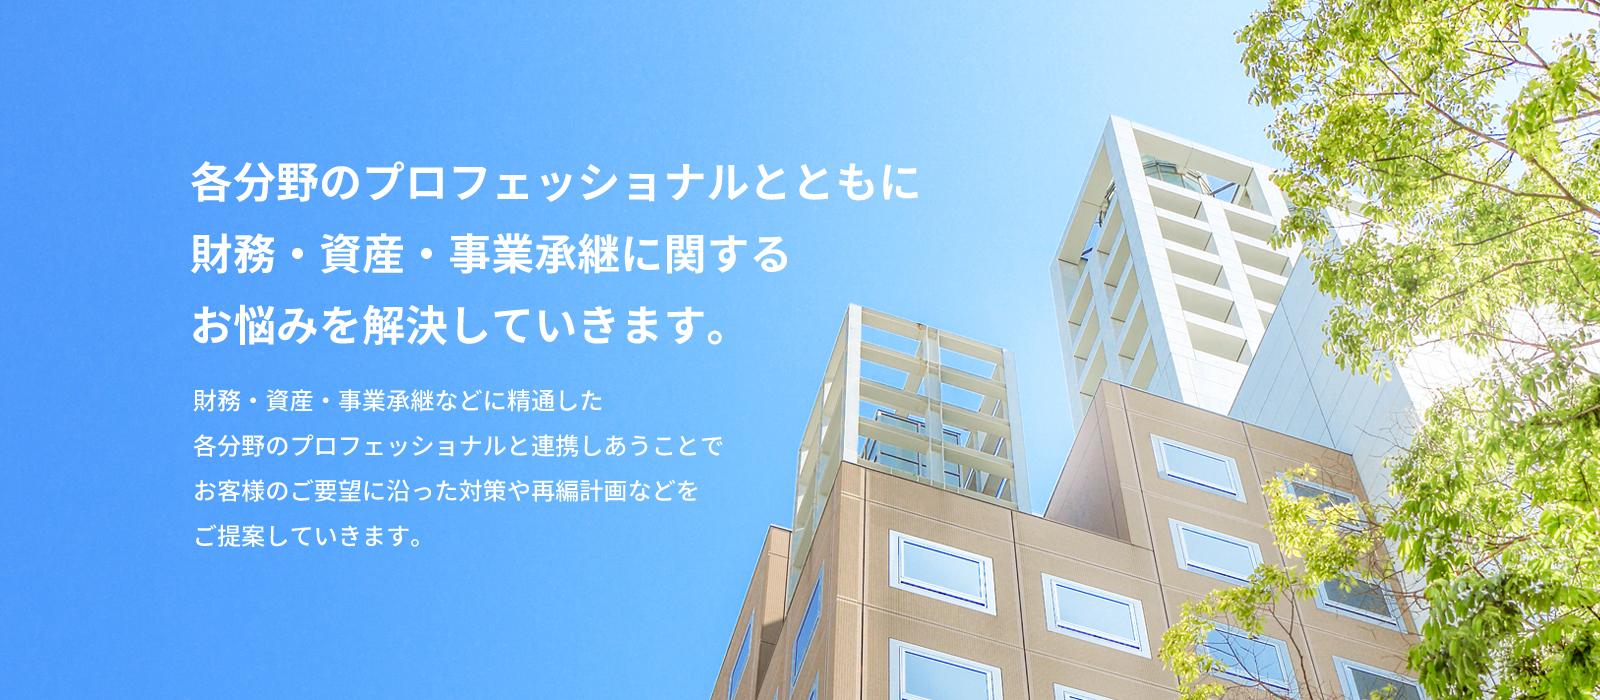 岡山市の不動産相続問題・事業承継相談窓口